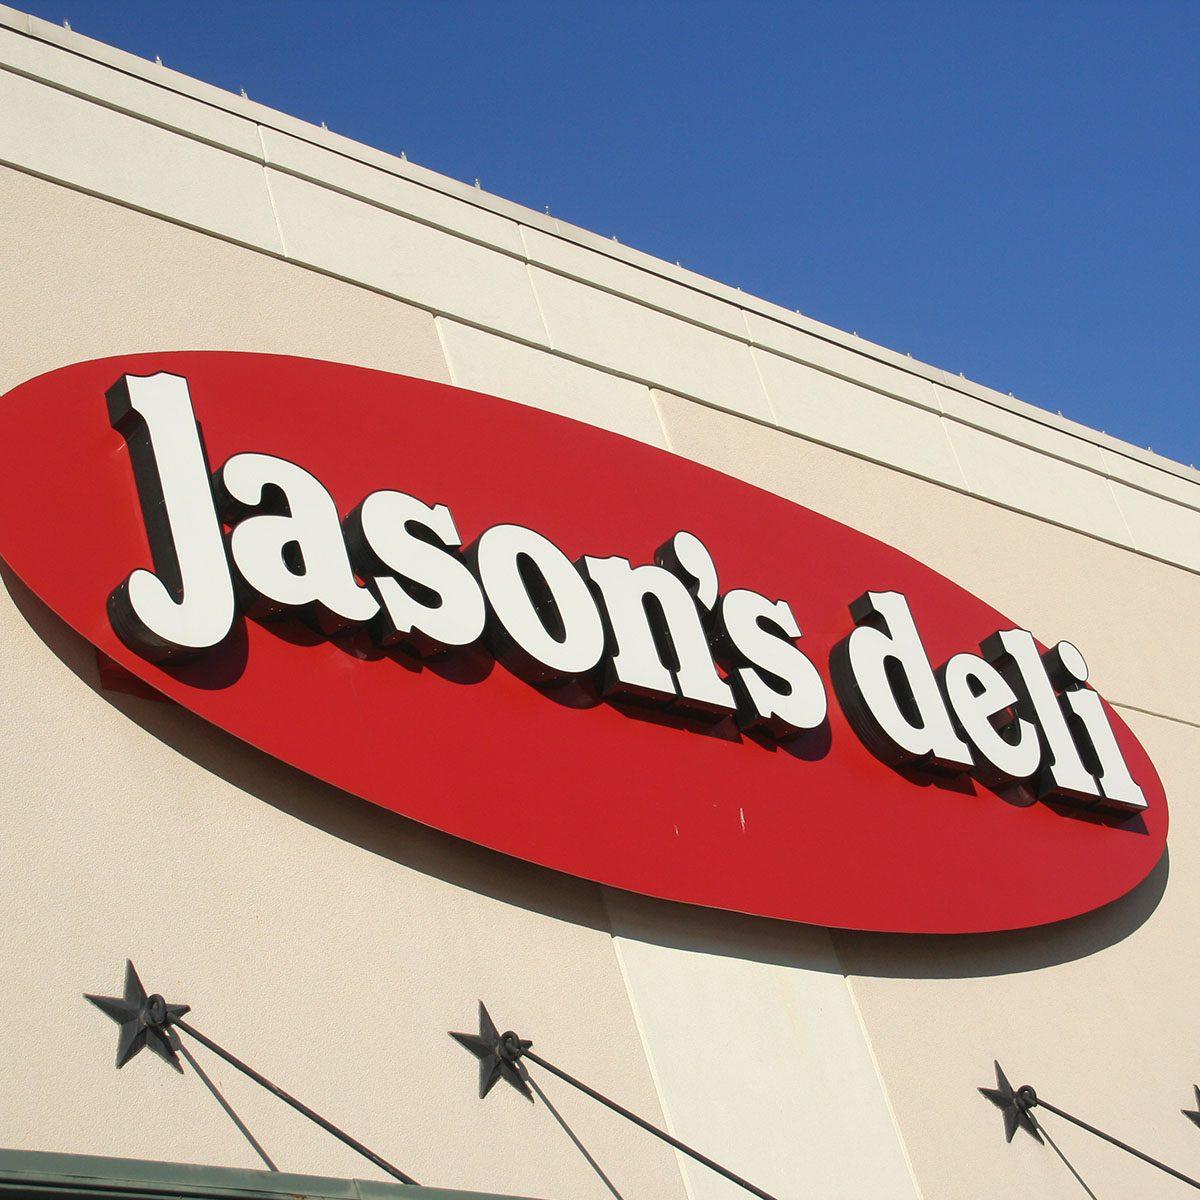 Jason's Deli Sign